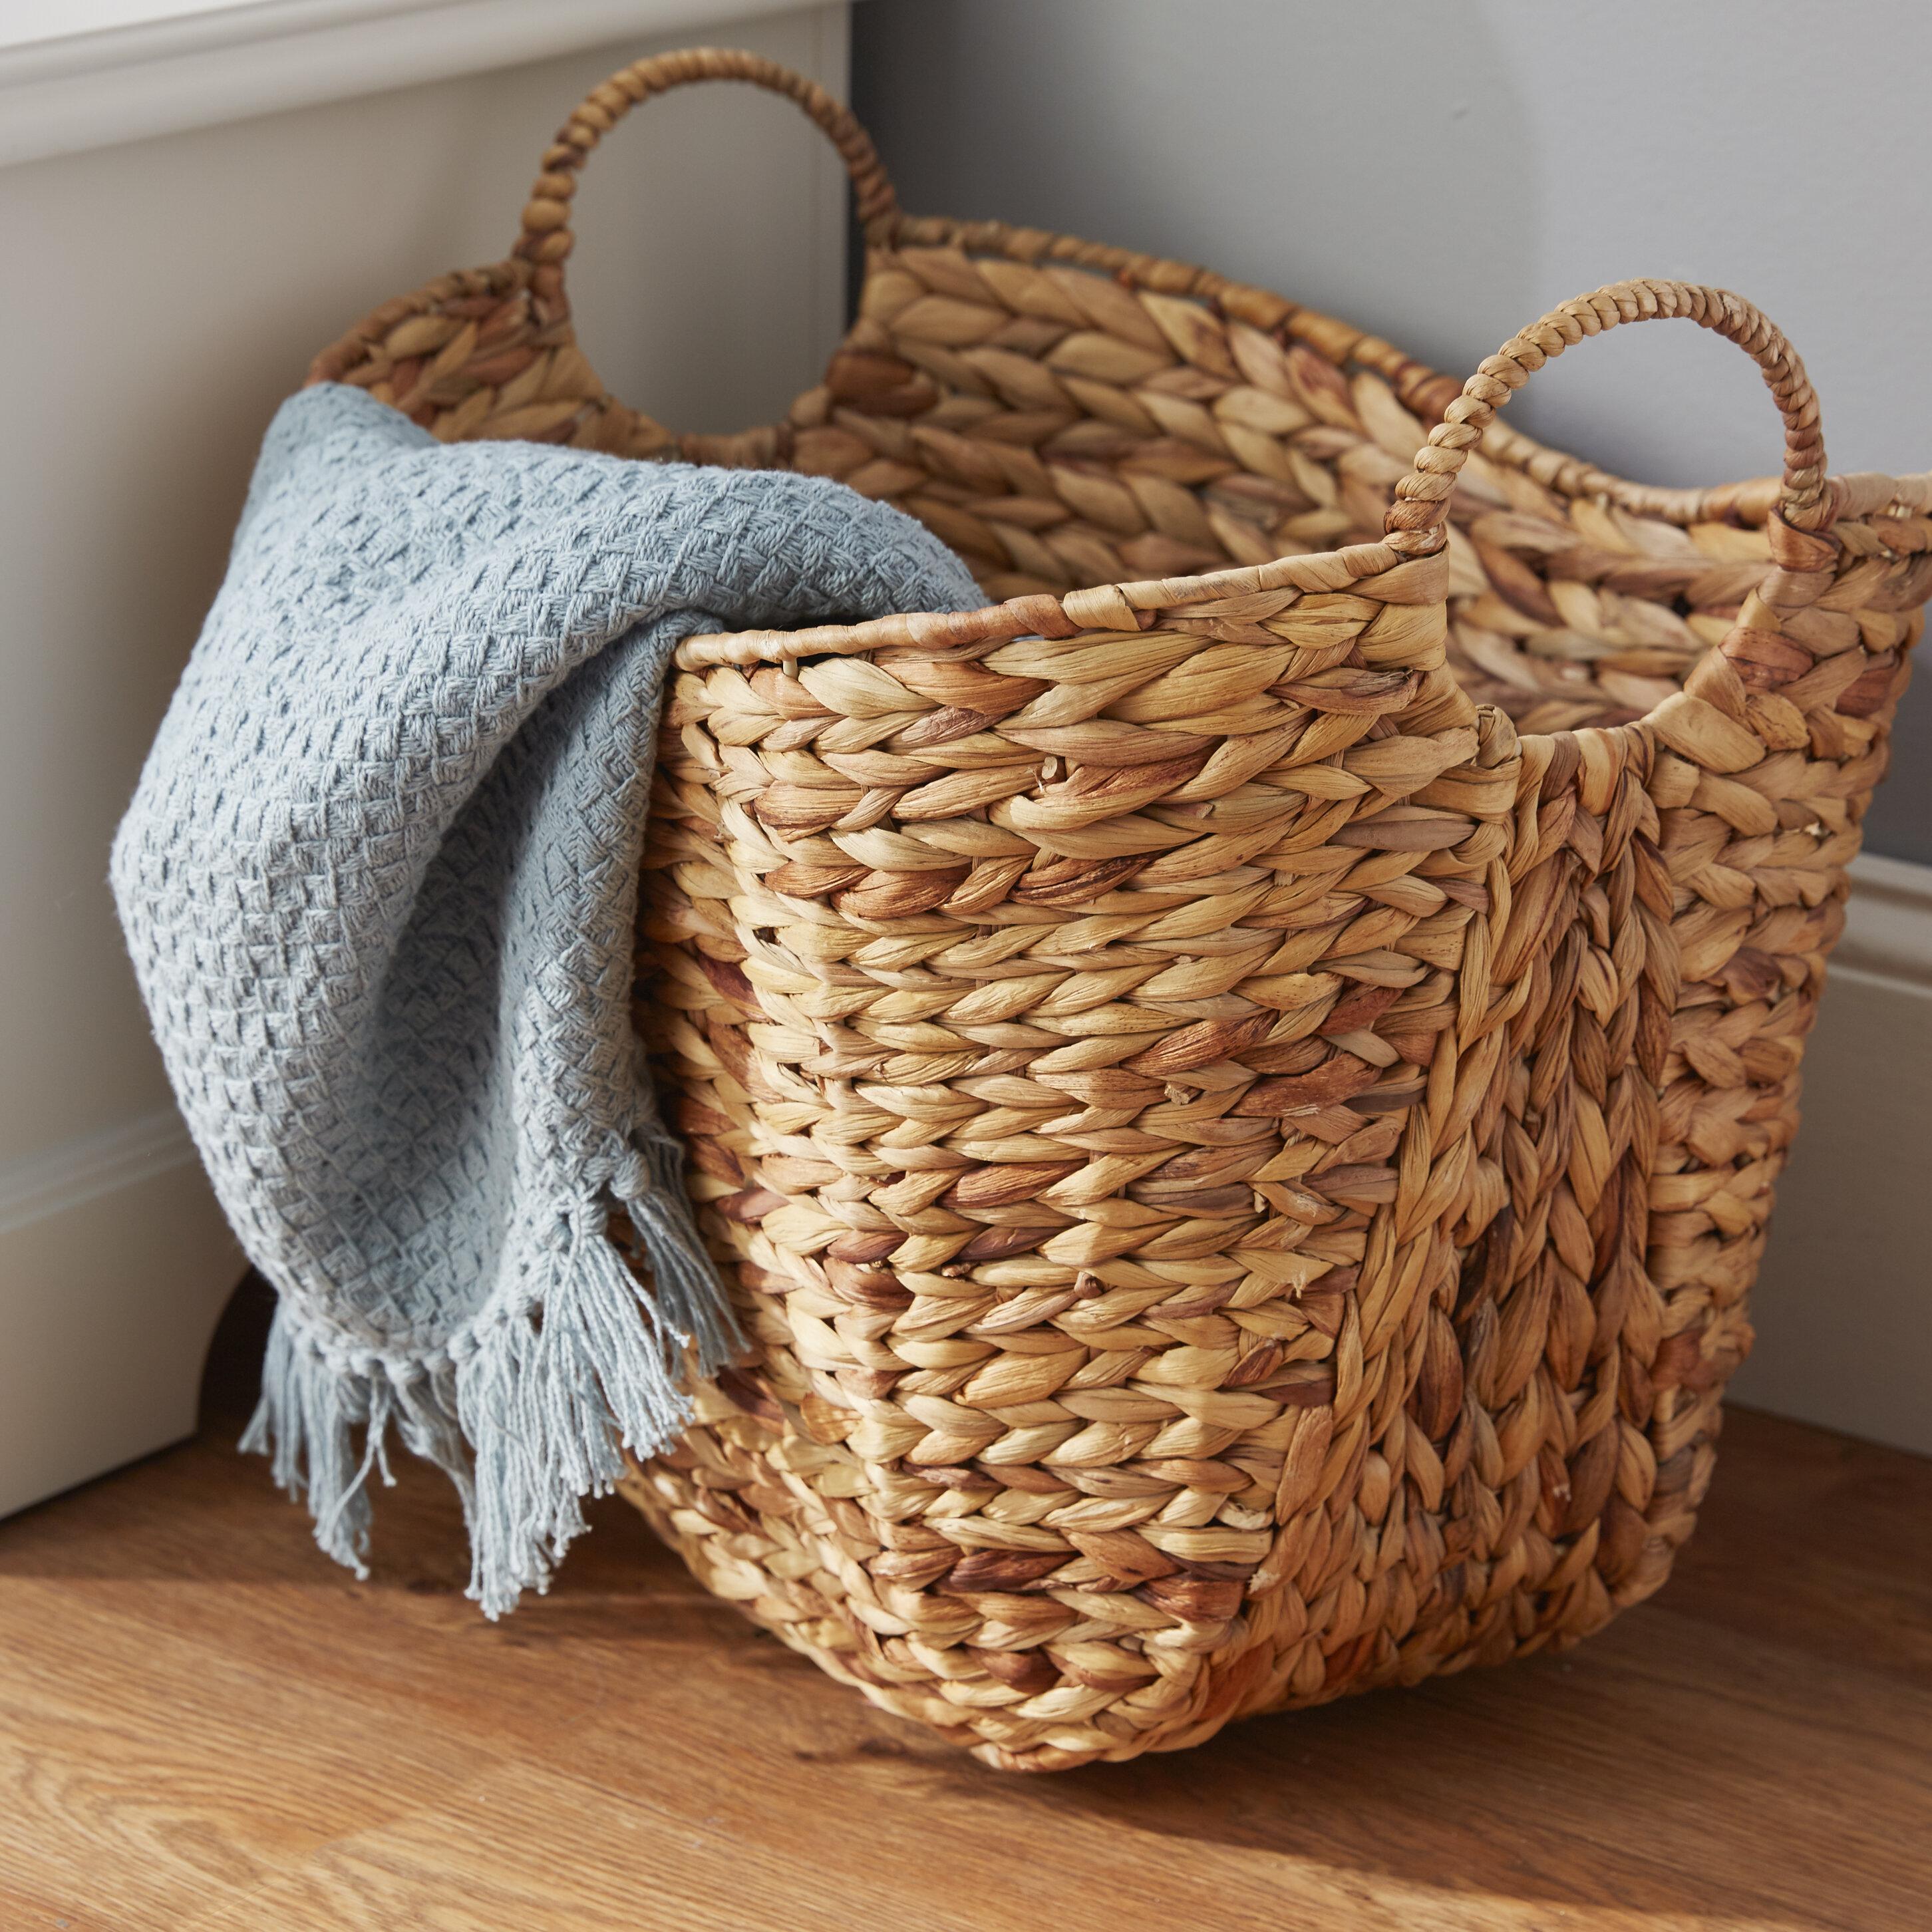 Rosalyn Water Hyacinth Wicker Basket Reviews Joss Main